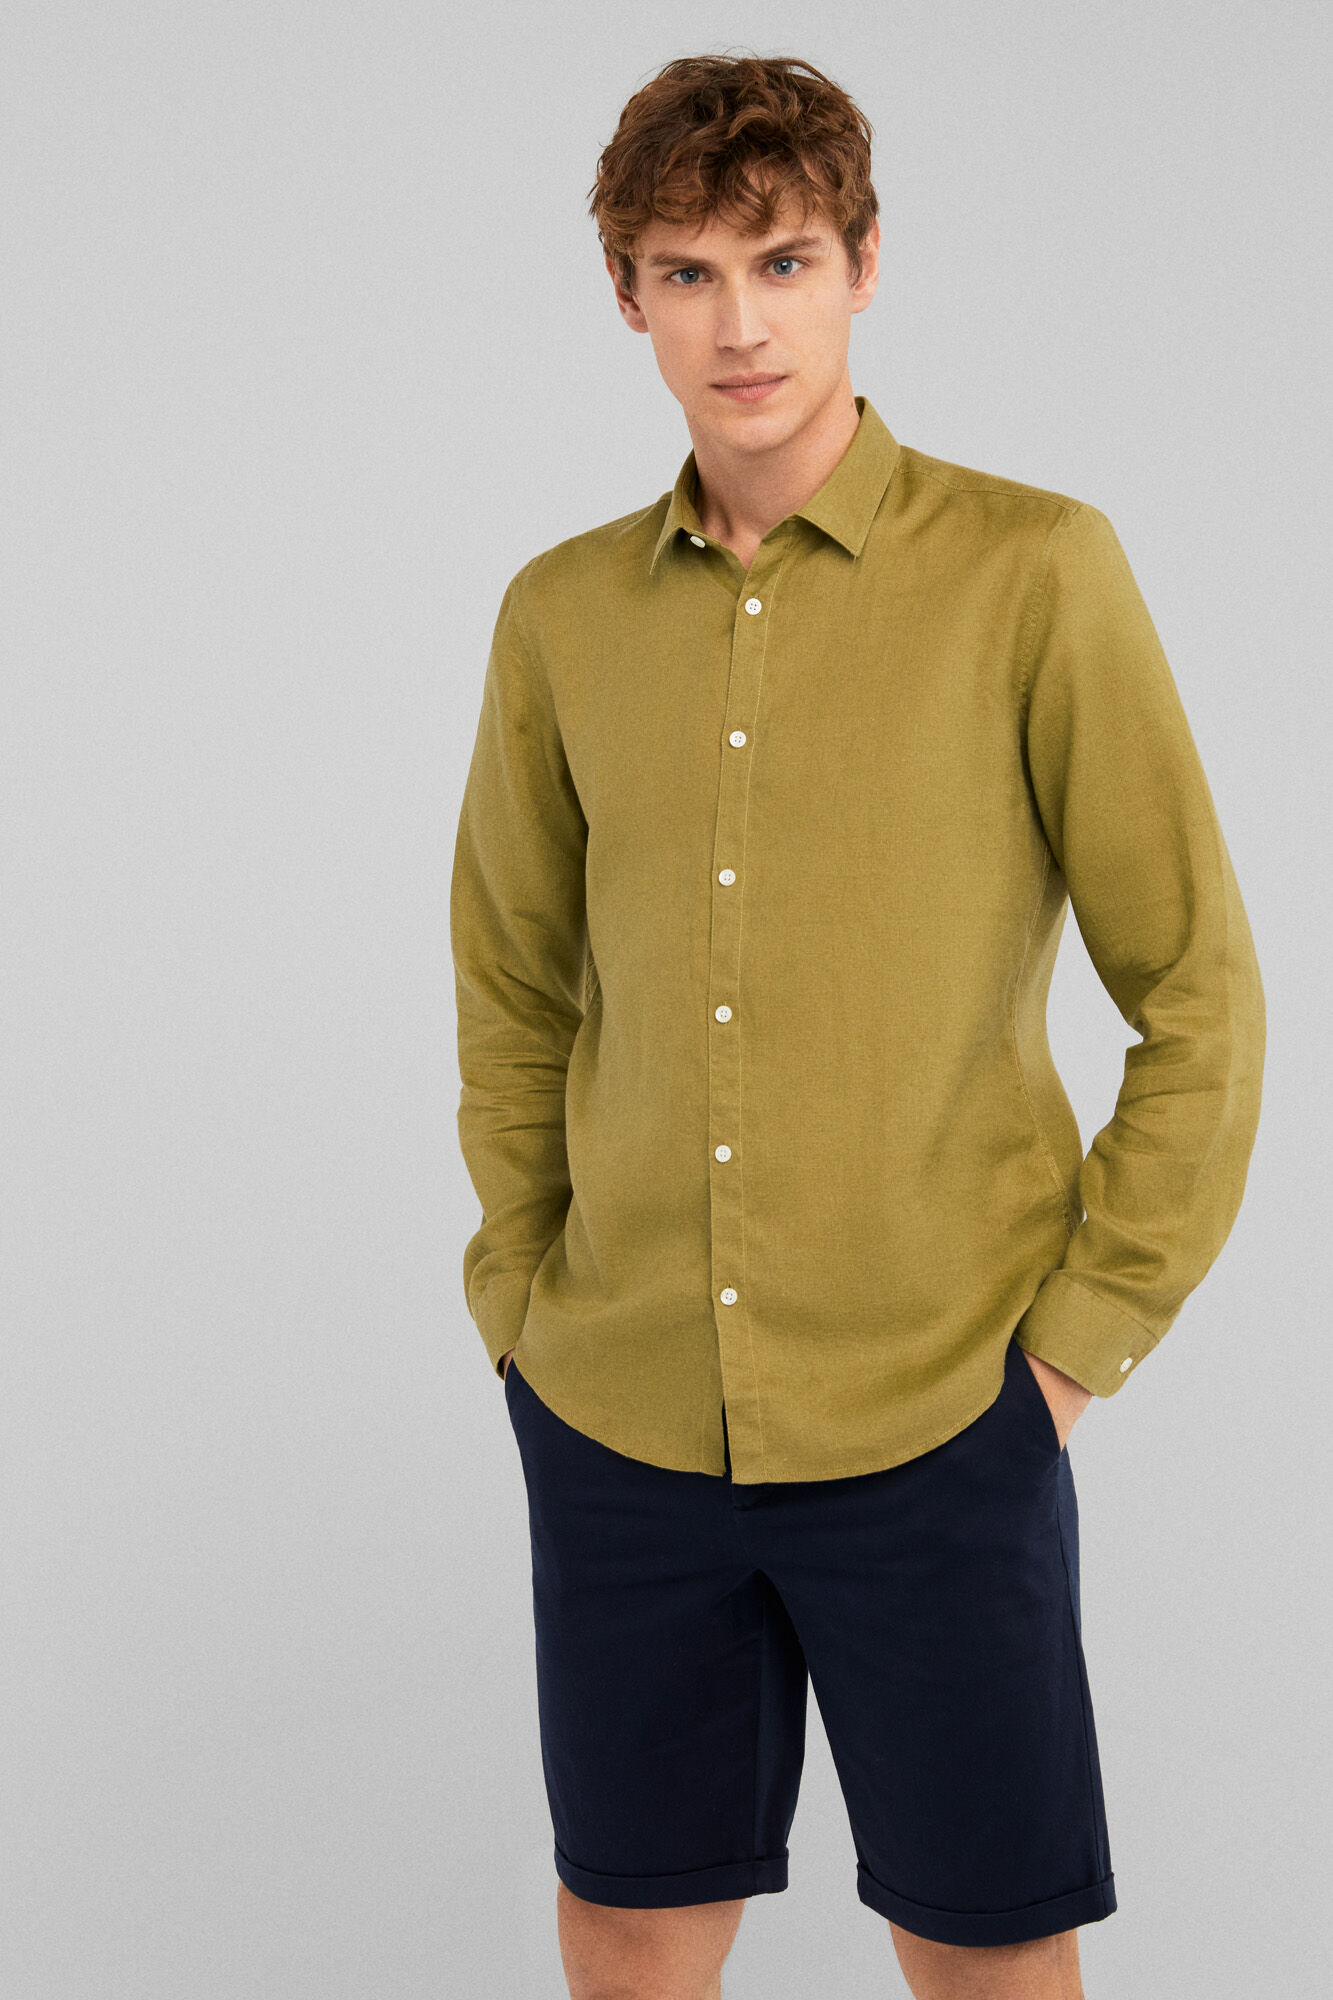 155d80fb07 Springfield Camisa lino premium esmeralda